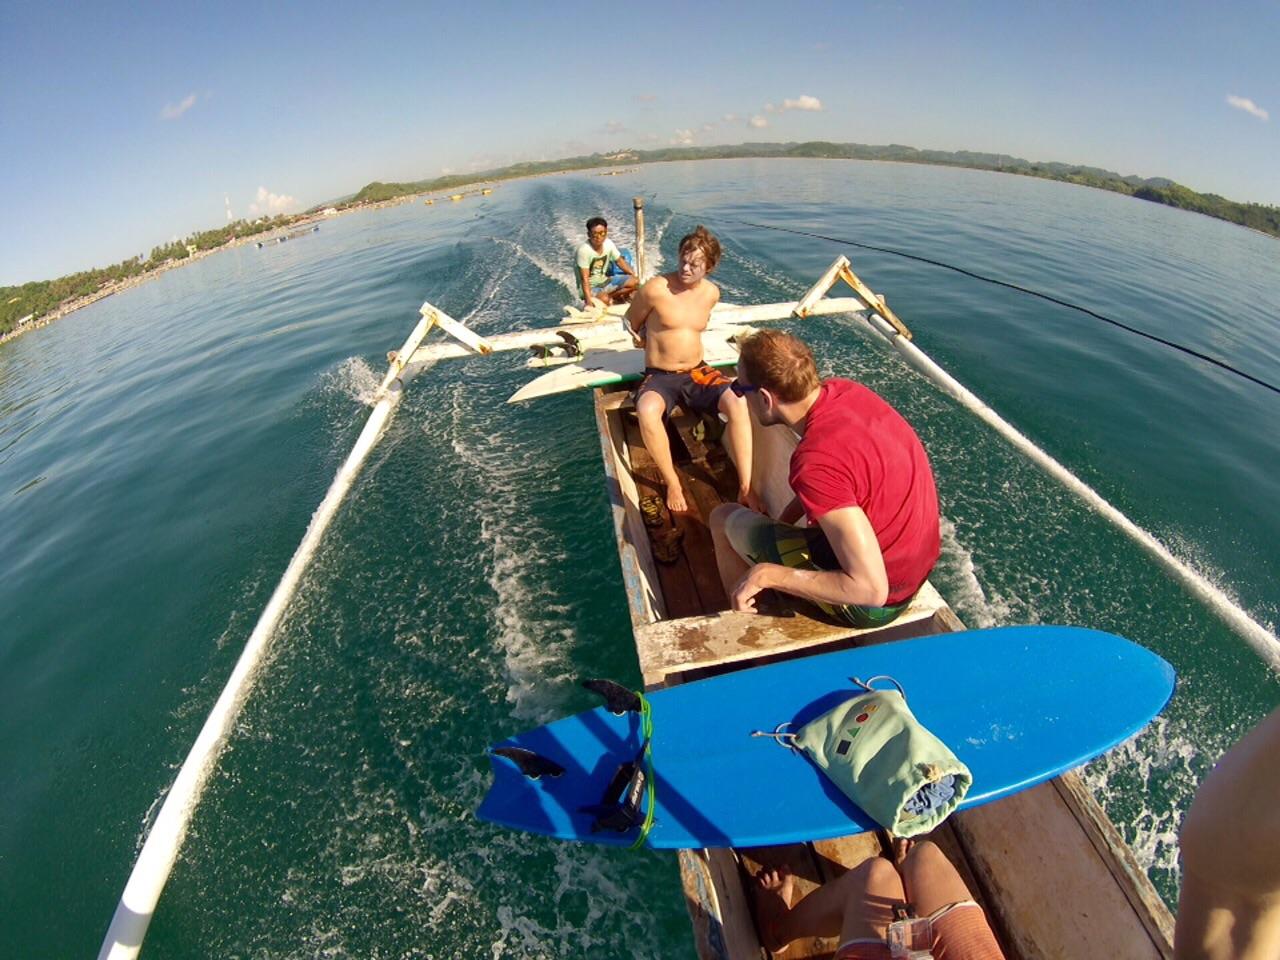 Mit dem Schifferboot zum Surfen, Kuta Lombok, Indonesien